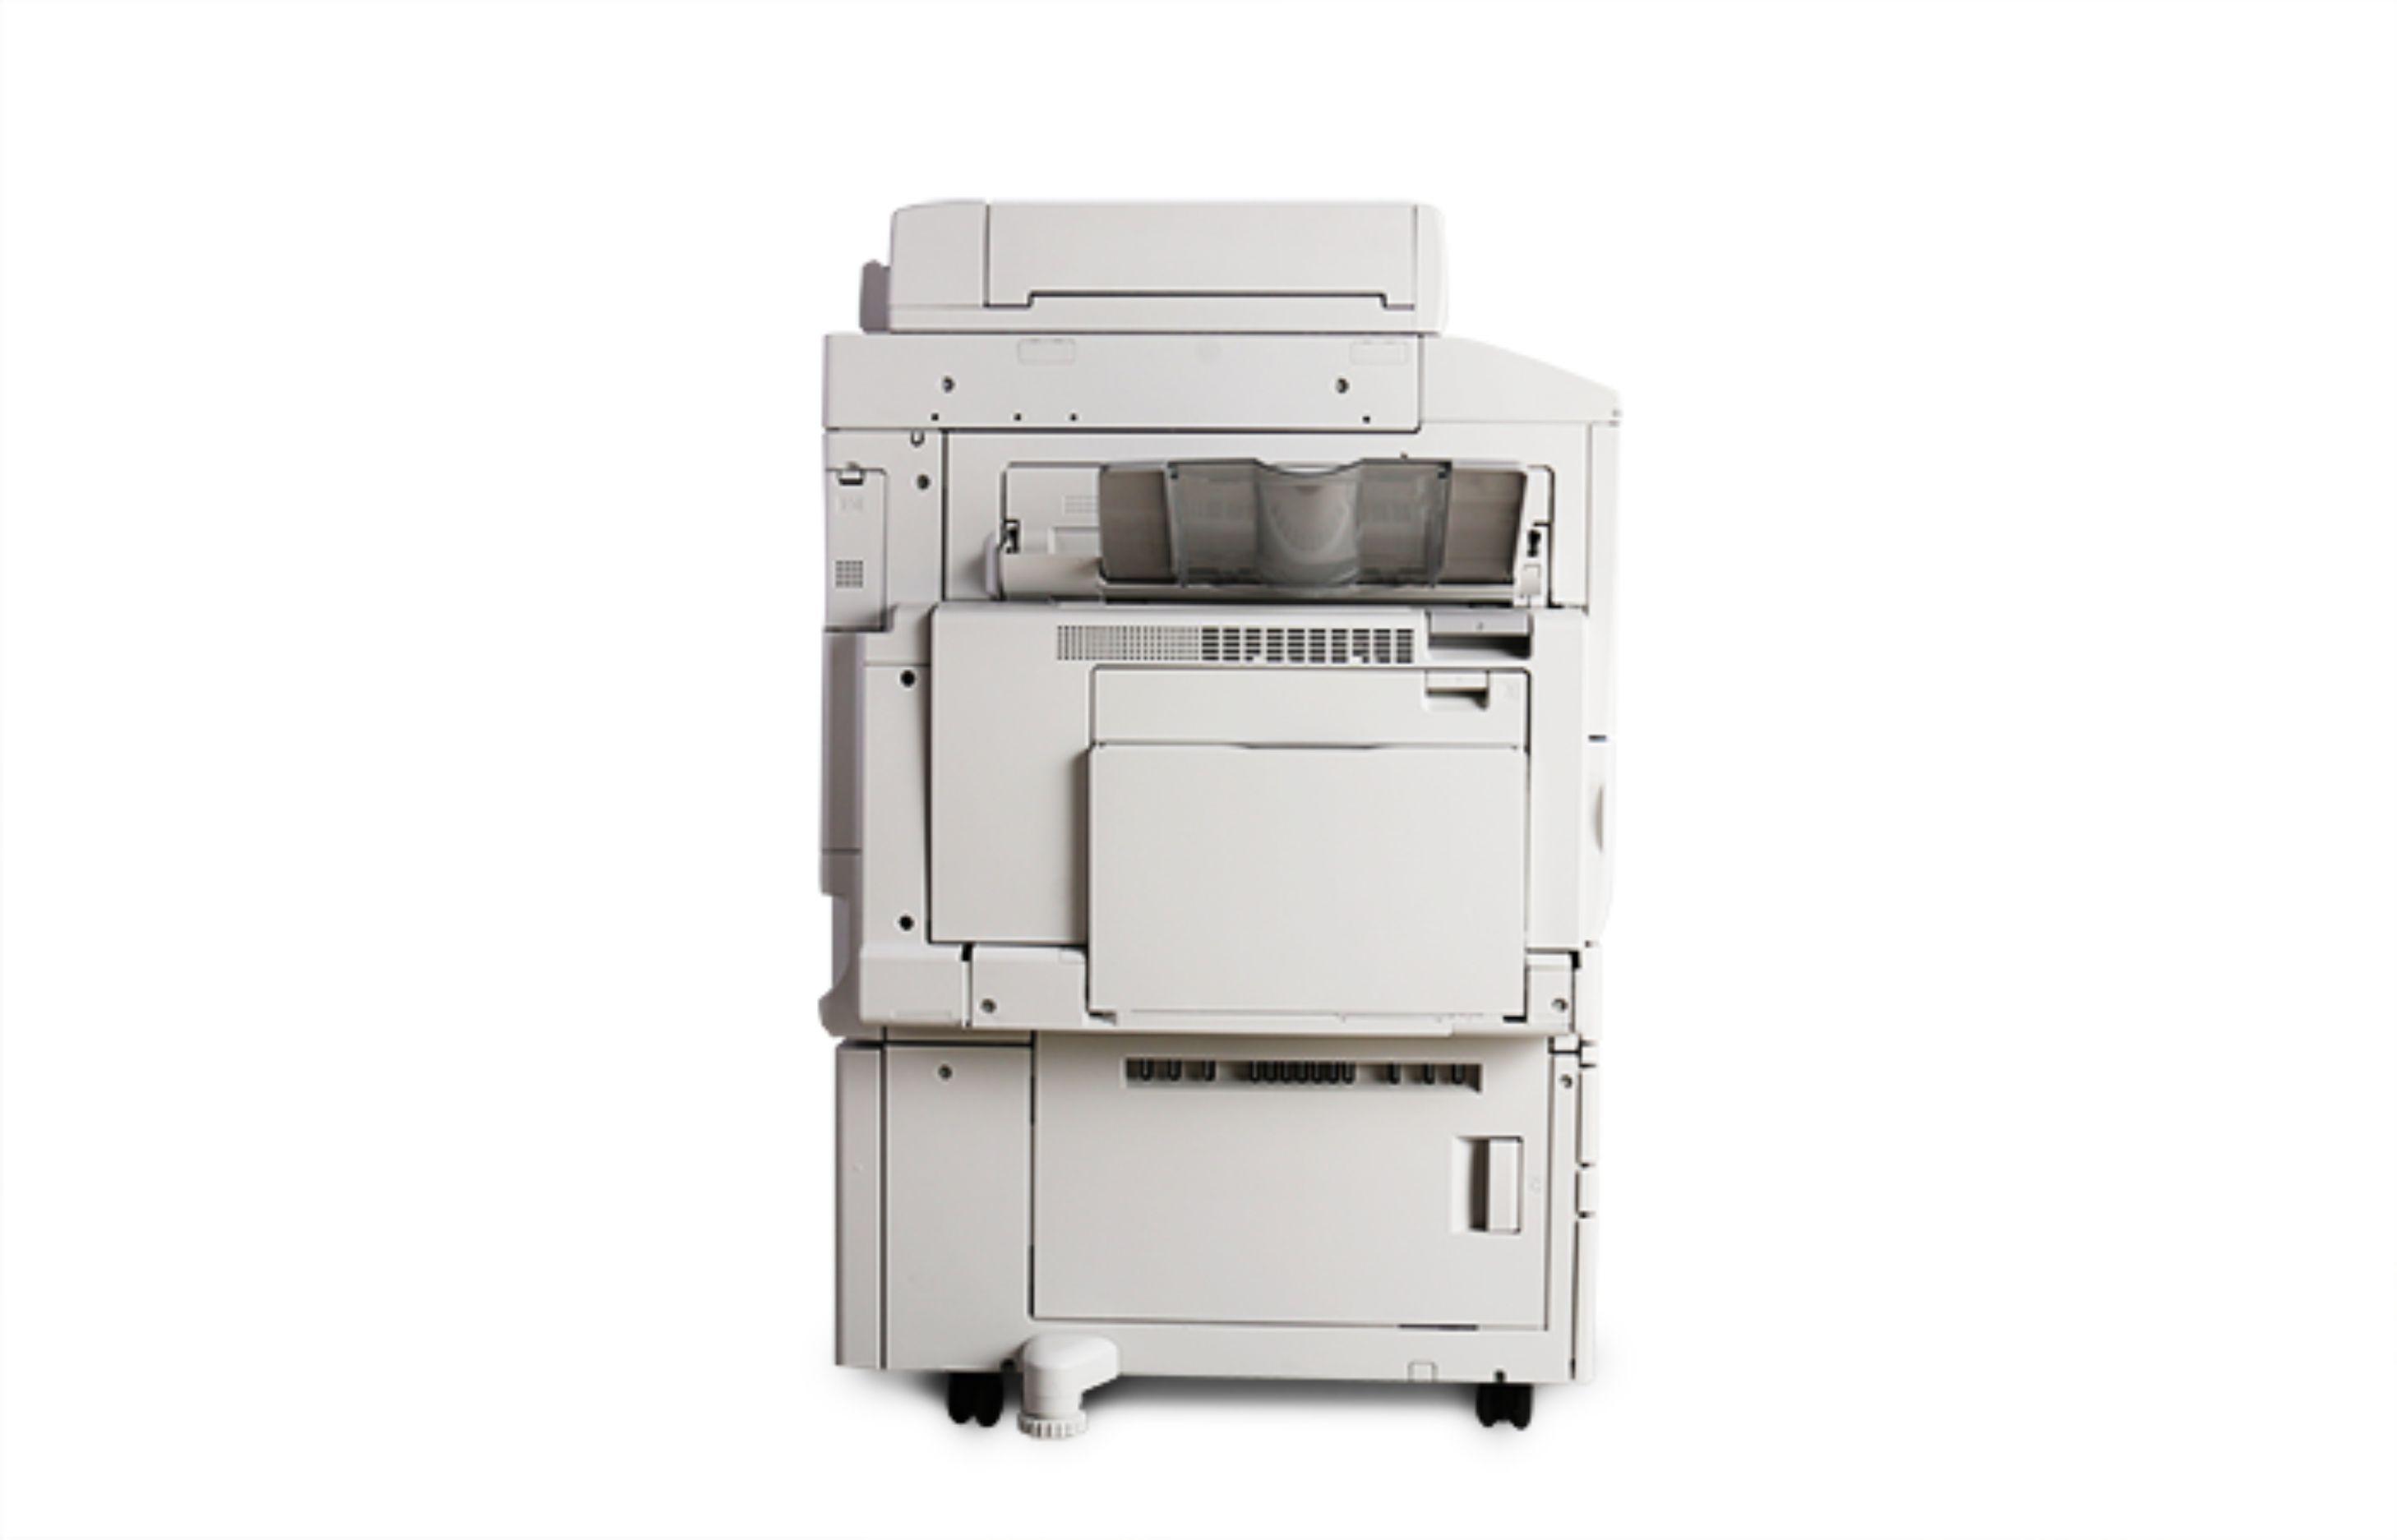 陕西施乐彩色复印机五代7835/7845/7855高精度多功能一体机打印机亚博娱乐官网登录